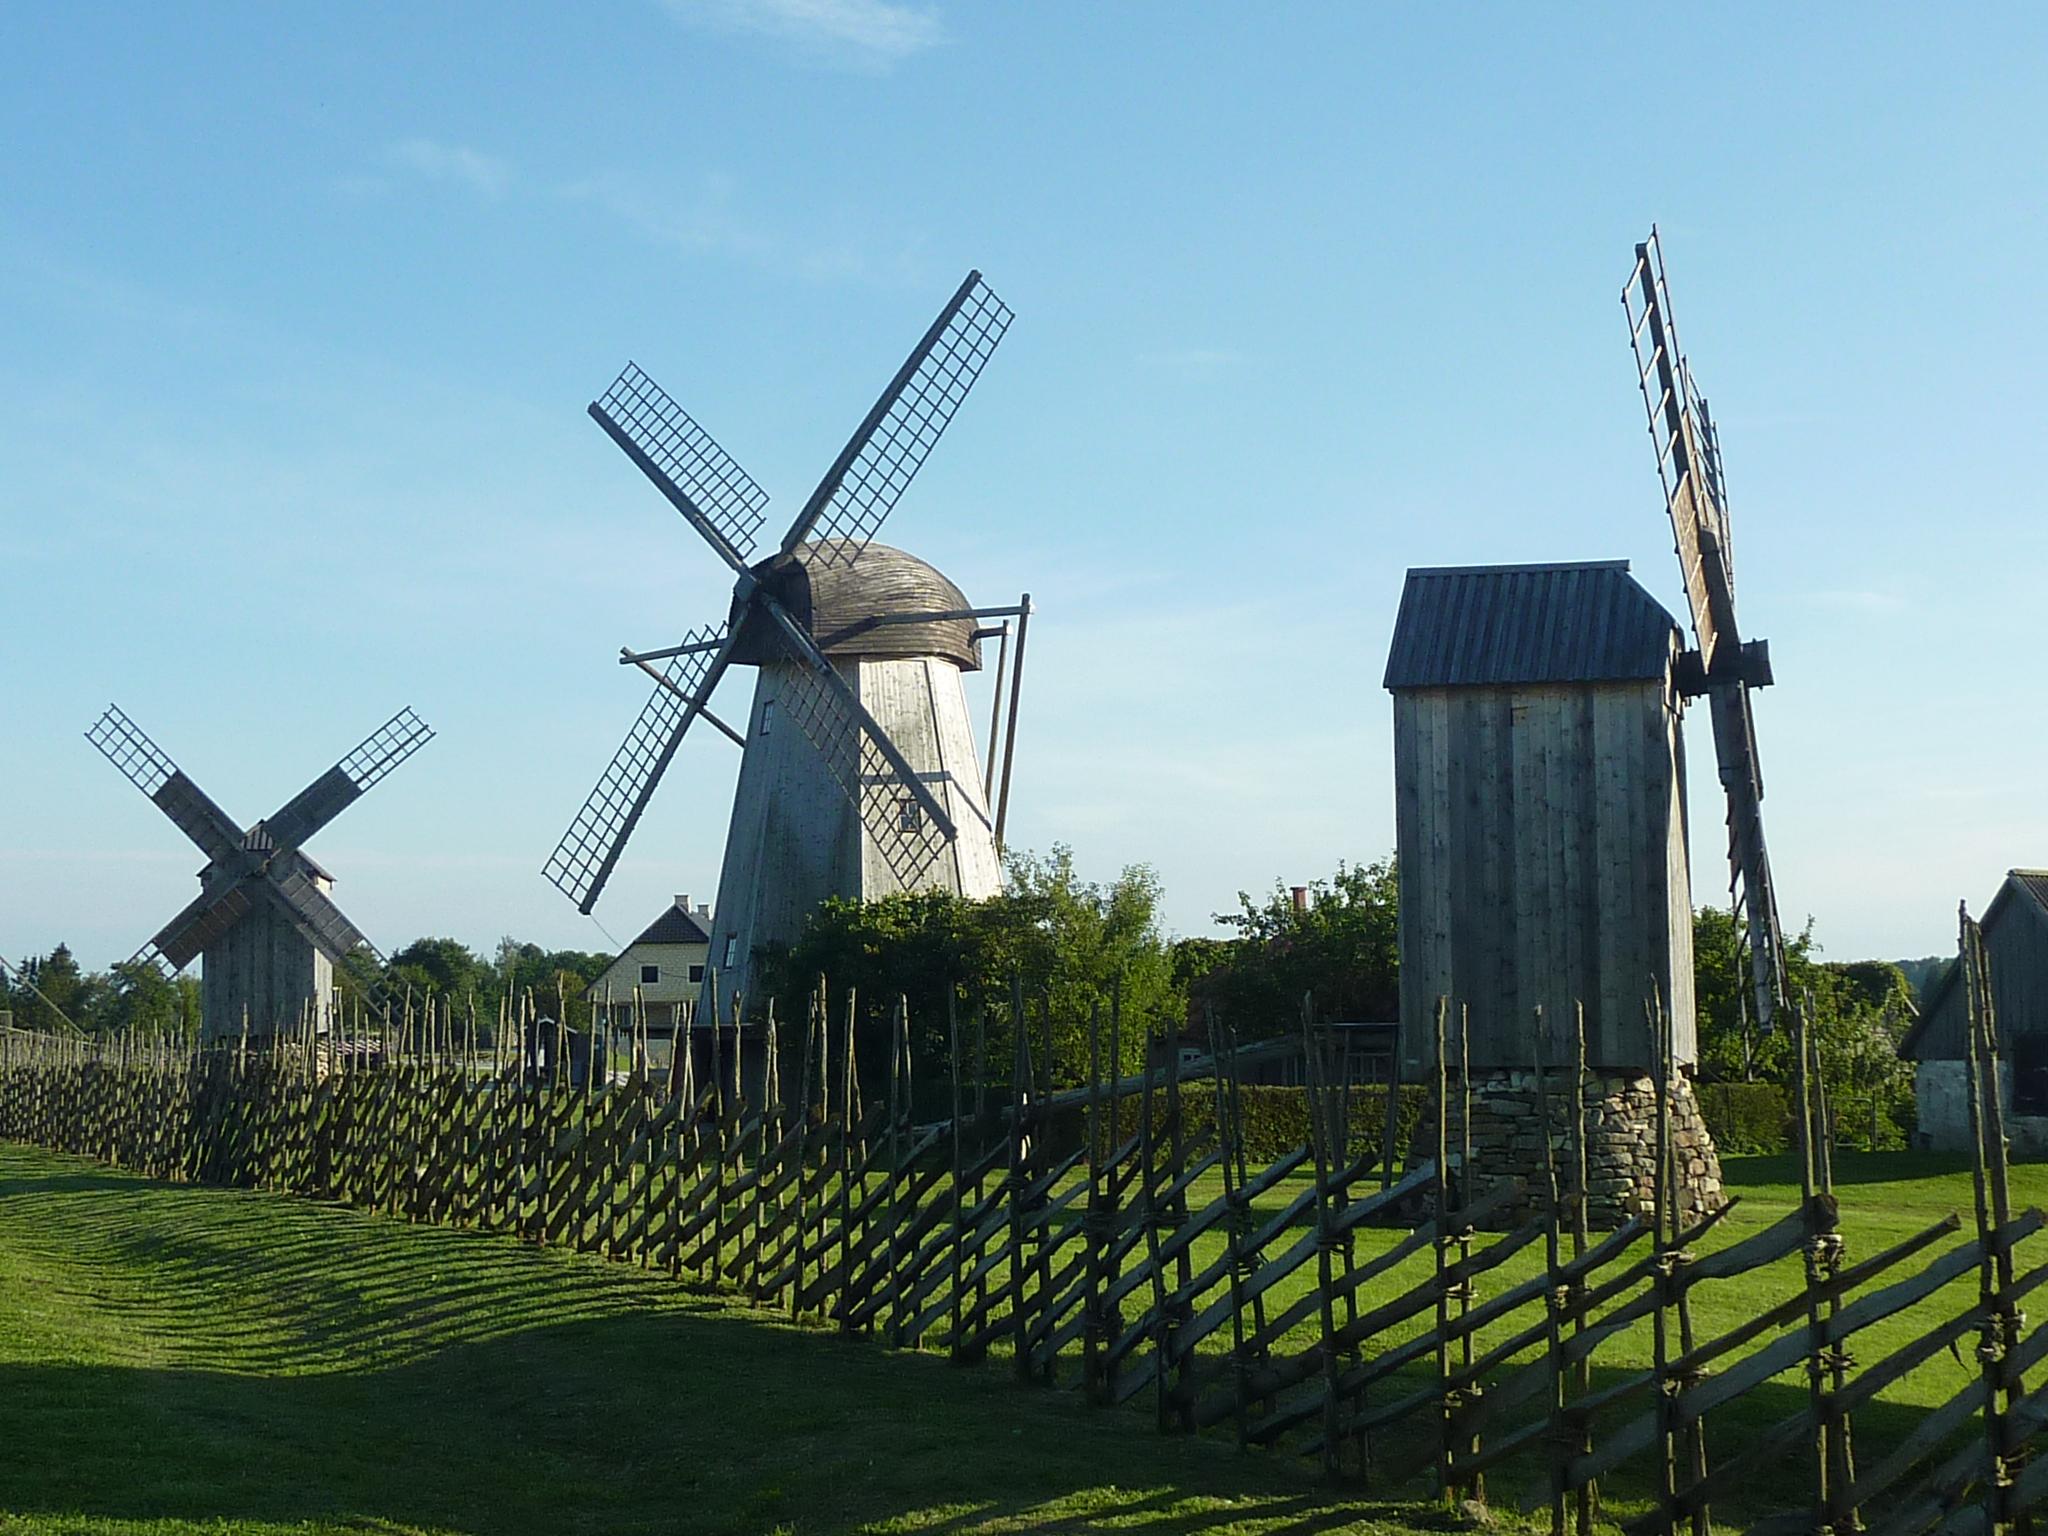 File:Saaremaa Angla Windmills Farm - Angla Tedre Talu Tuuleveski 20896 ...